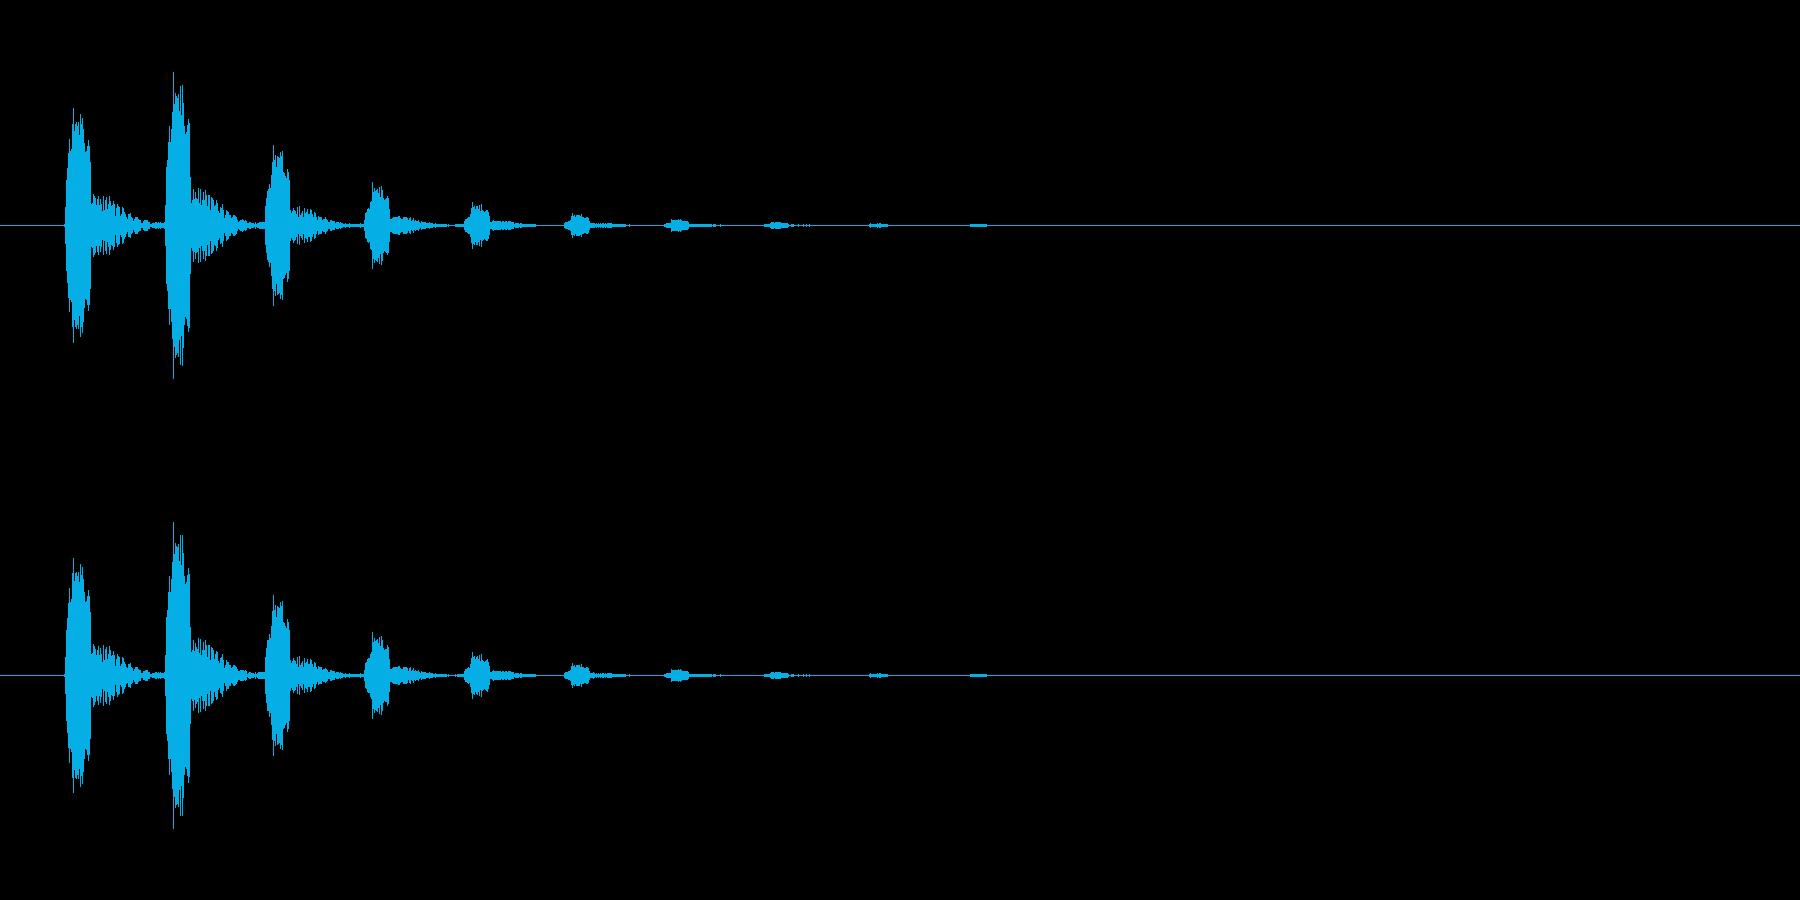 【びっくり04-1】の再生済みの波形